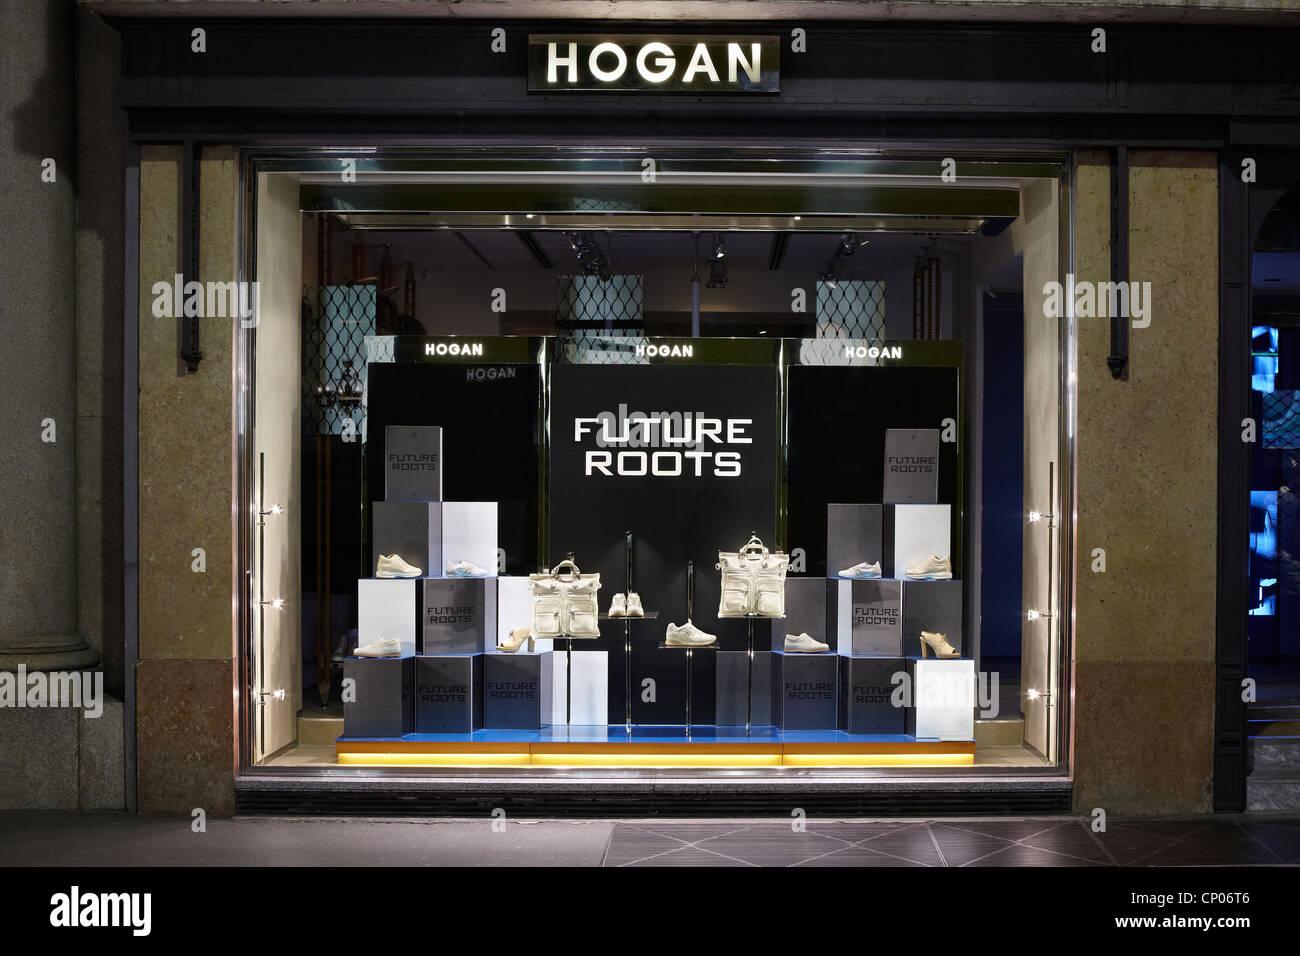 2hogan shop